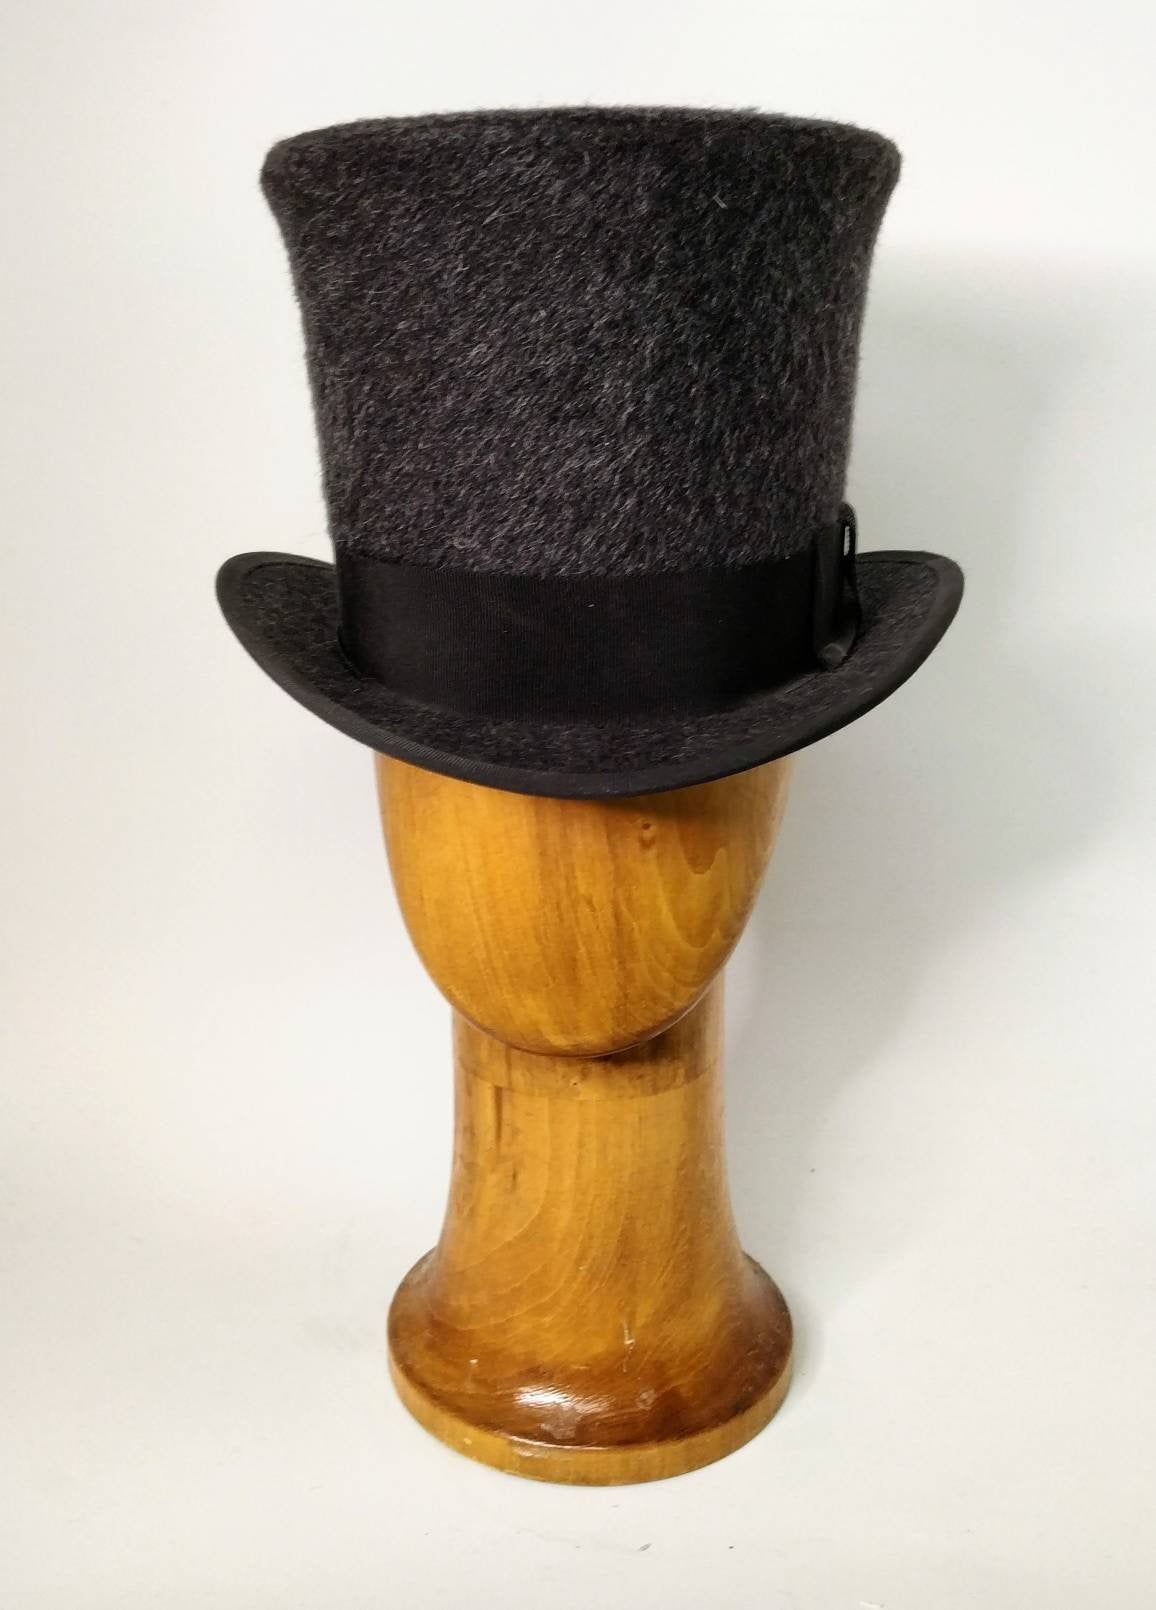 Grey Top Hat Altertinative Bride Rockabilly Steampunk Etsy In 2021 Top Hat Hats Wedding Top Hat